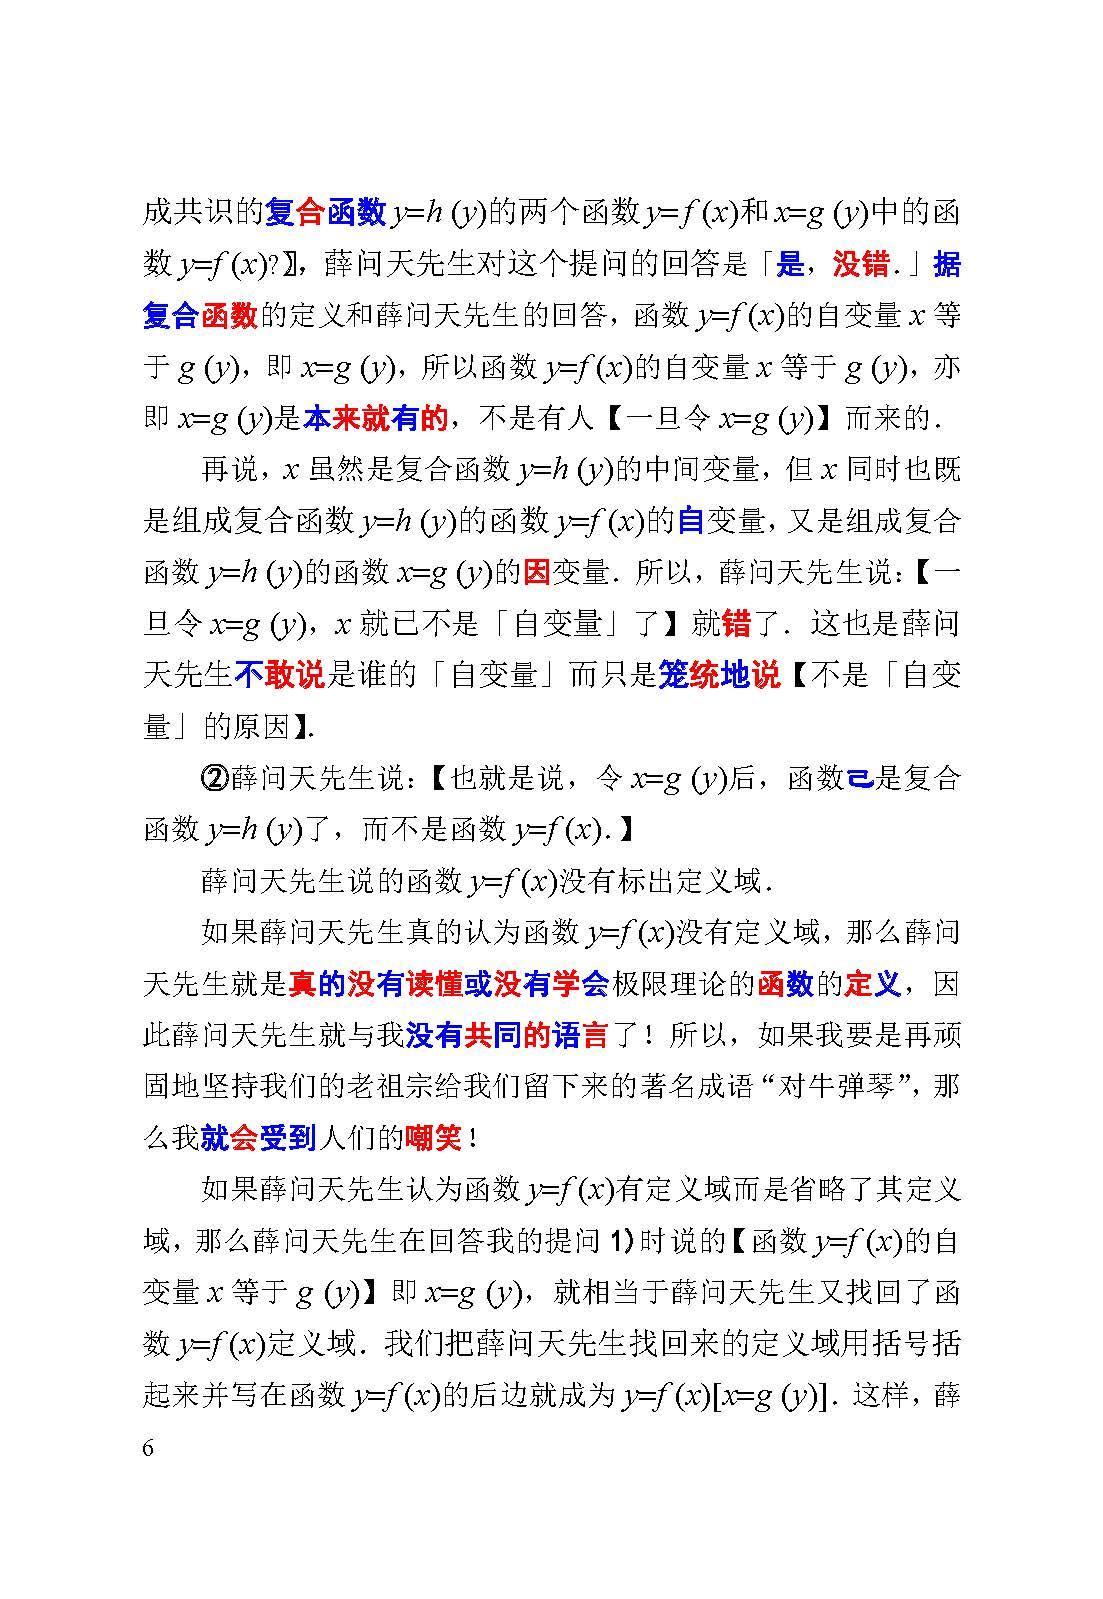 评薛问天先生的文章0366_页面_06.jpg